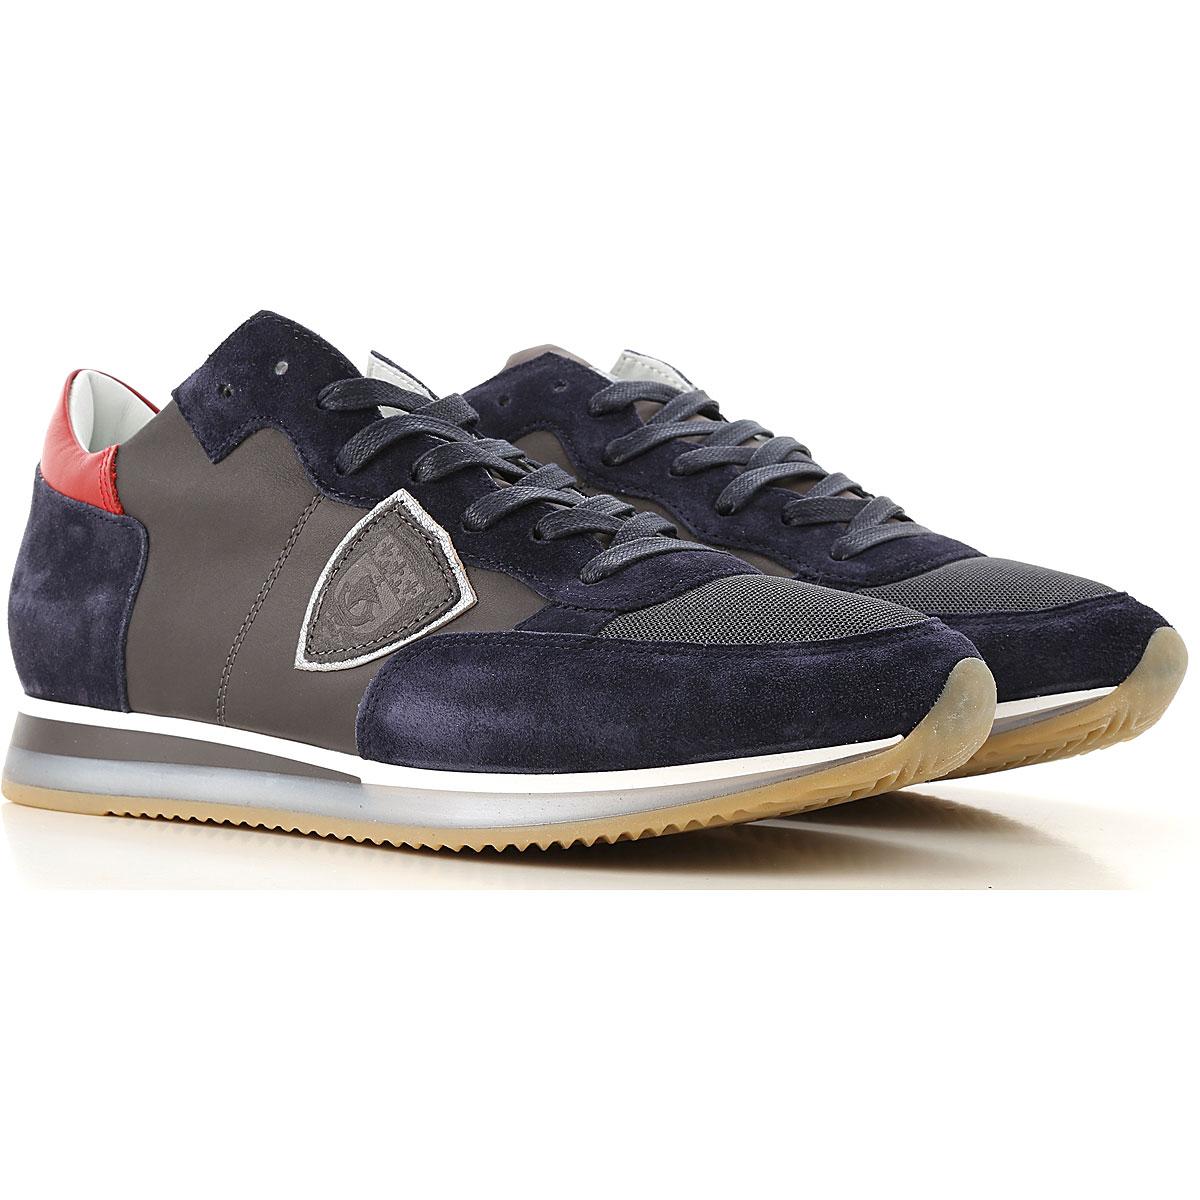 Philippe Model Sneaker Homme Pas cher en Soldes, Gris acier foncé, Cuir, 2019, 40 43 45 46